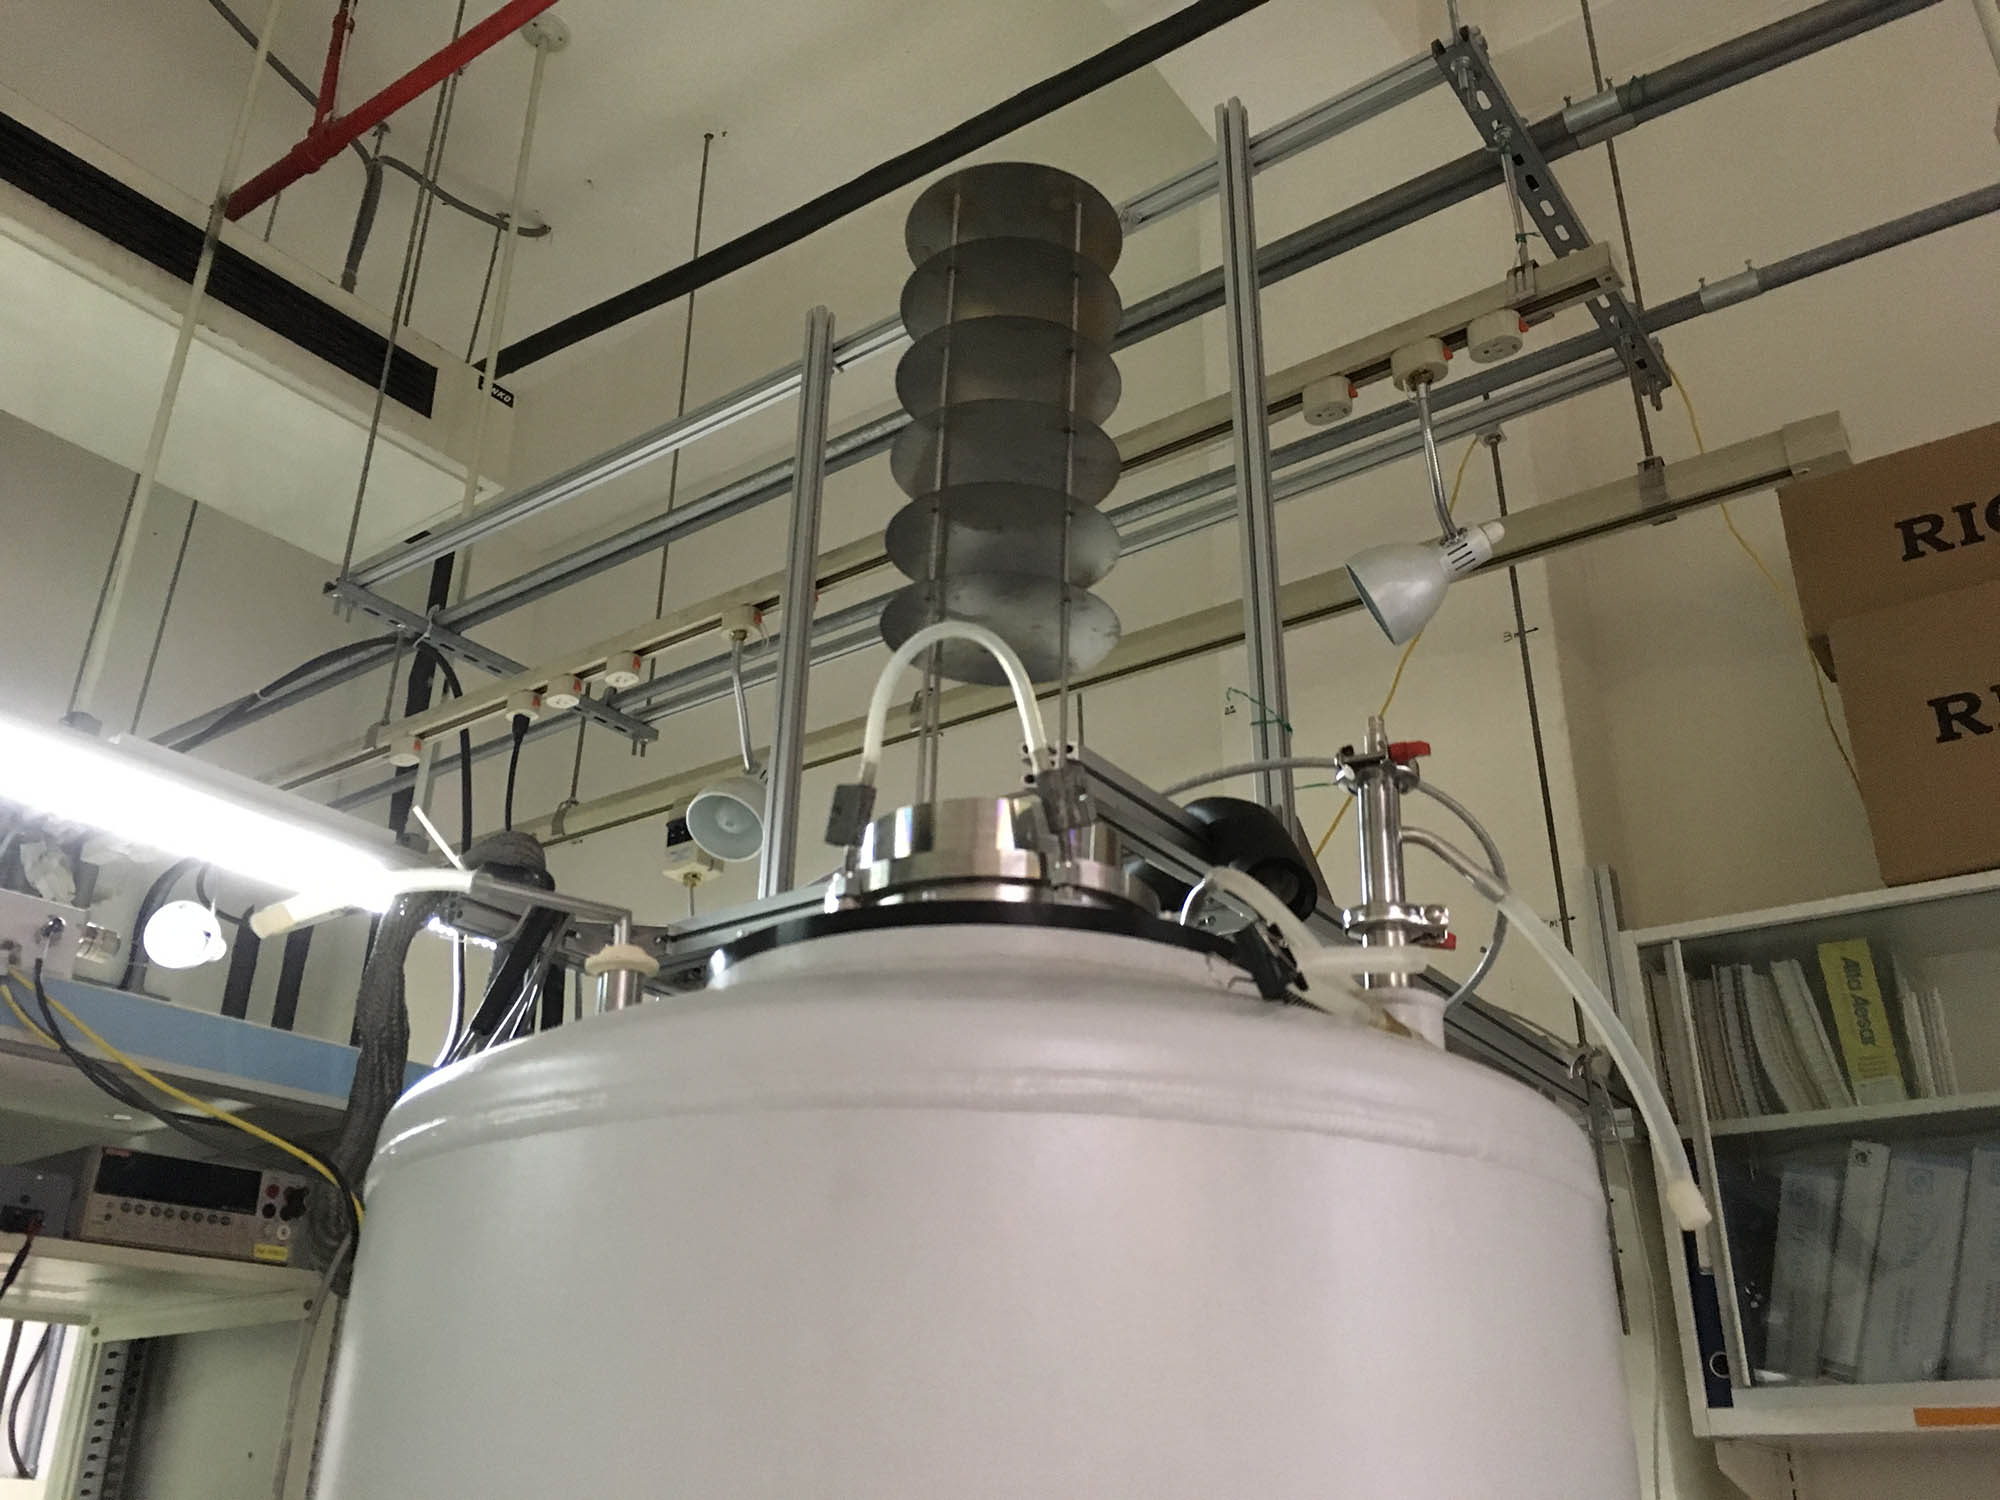 液態氮與液態氦容器的真空保溫容器。操作時「稀釋冷凍機」是由上方置入,外圍的液態氦與液態氮可以隔絕室溫熱輻射,並提供 4.2K 的溫度。圖│研之有物